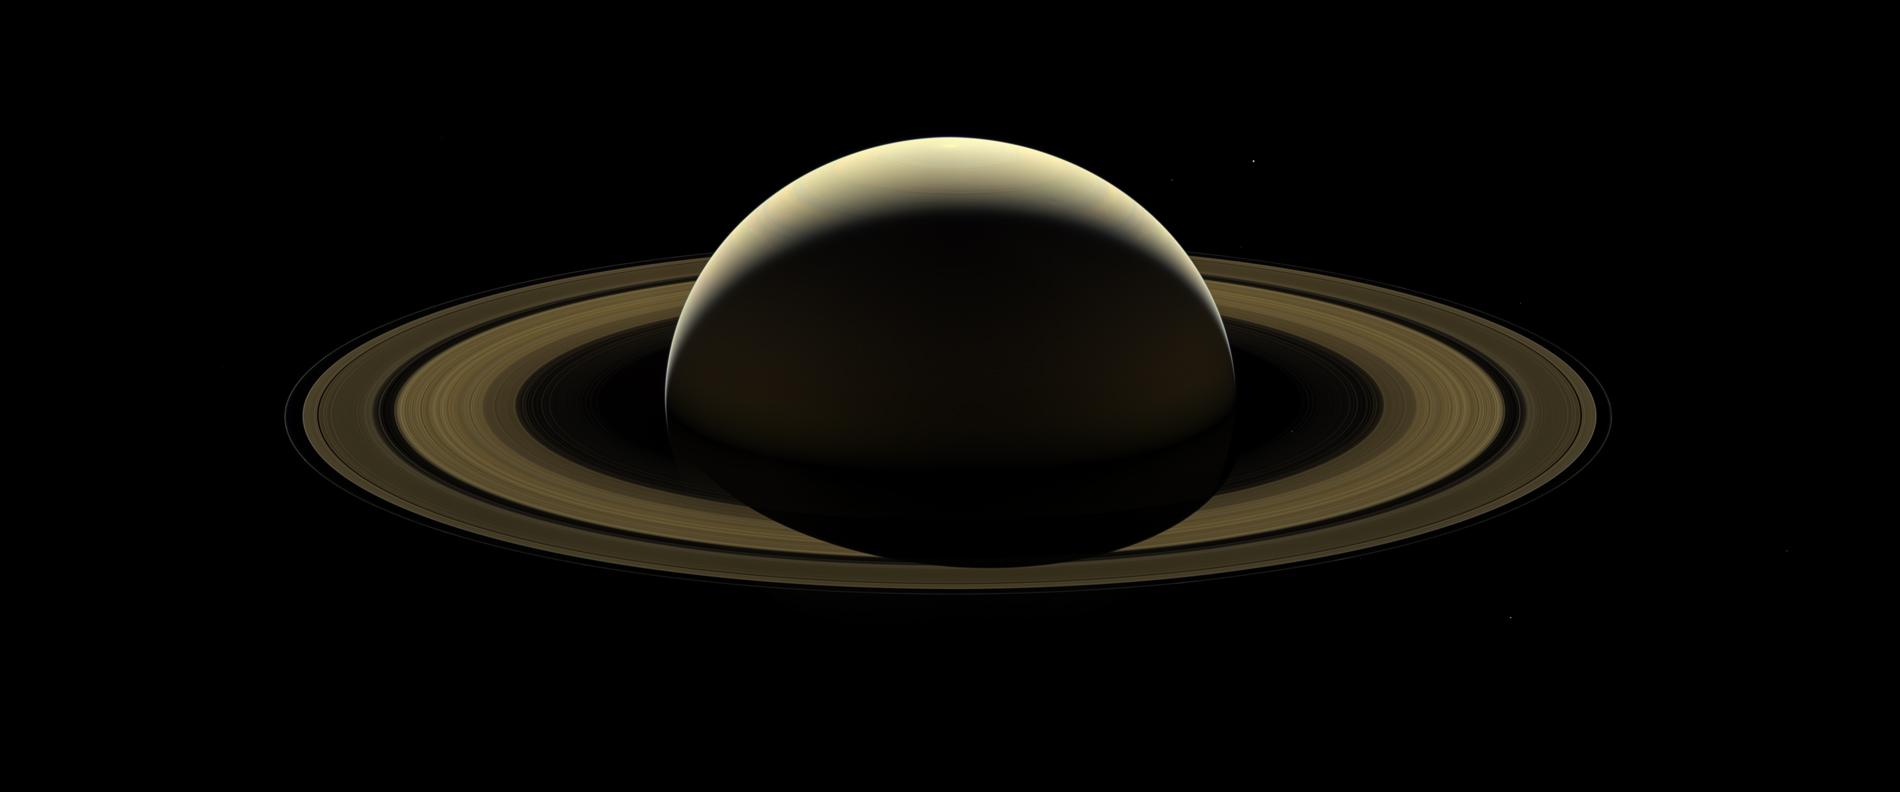 Un dernier portrait de Saturne